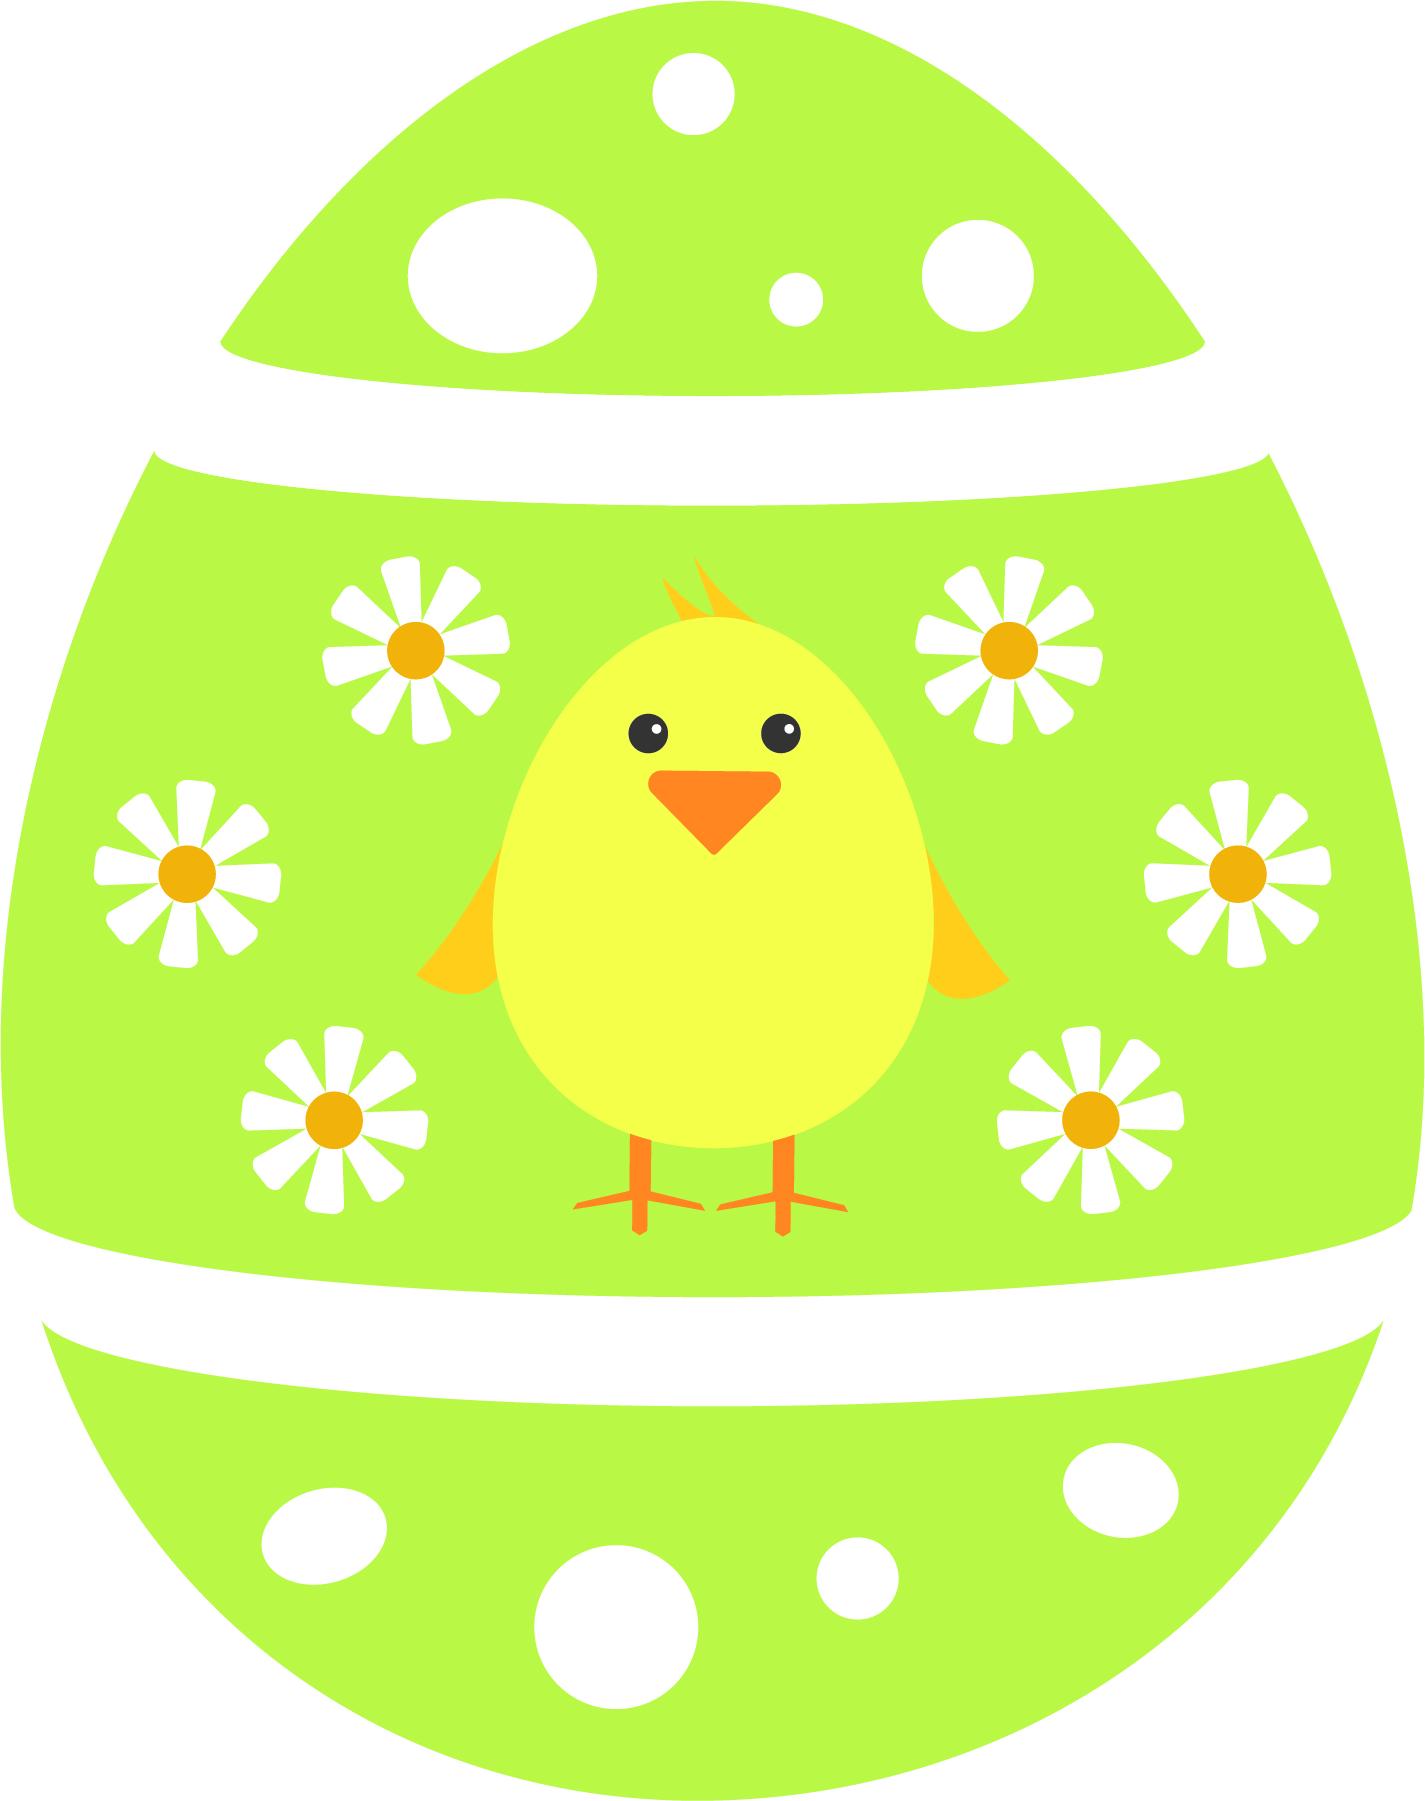 chicks-green